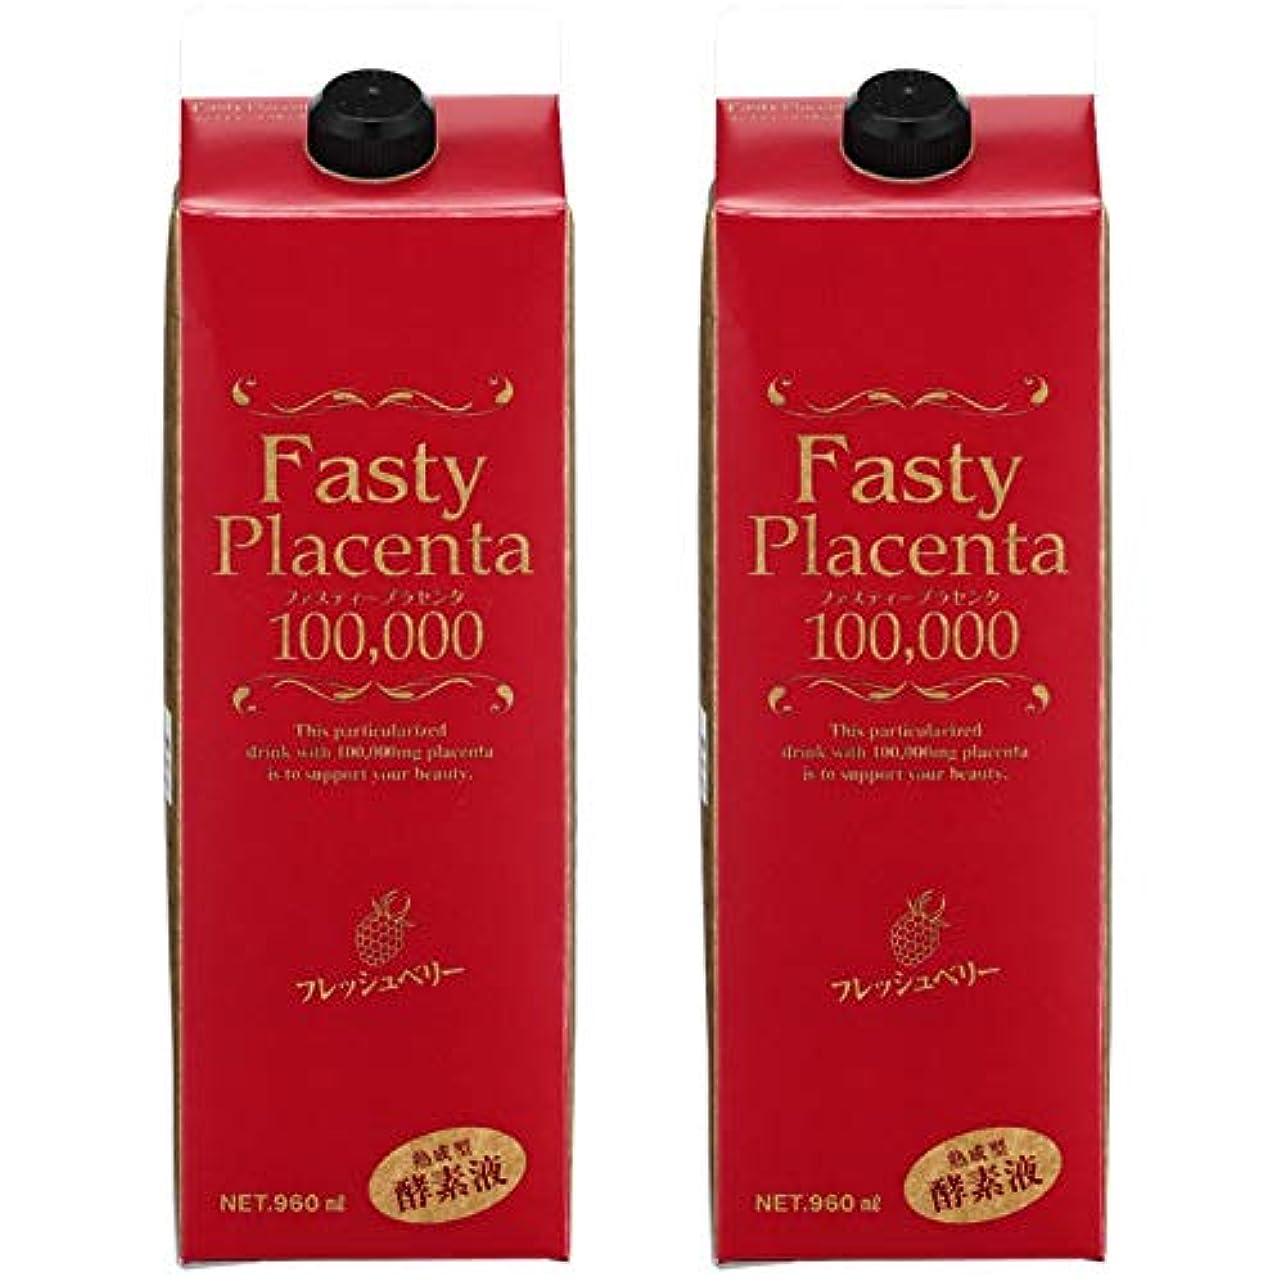 家グラフハイランドファスティープラセンタ100,000 増量パック(フレッシュベリー味)2個